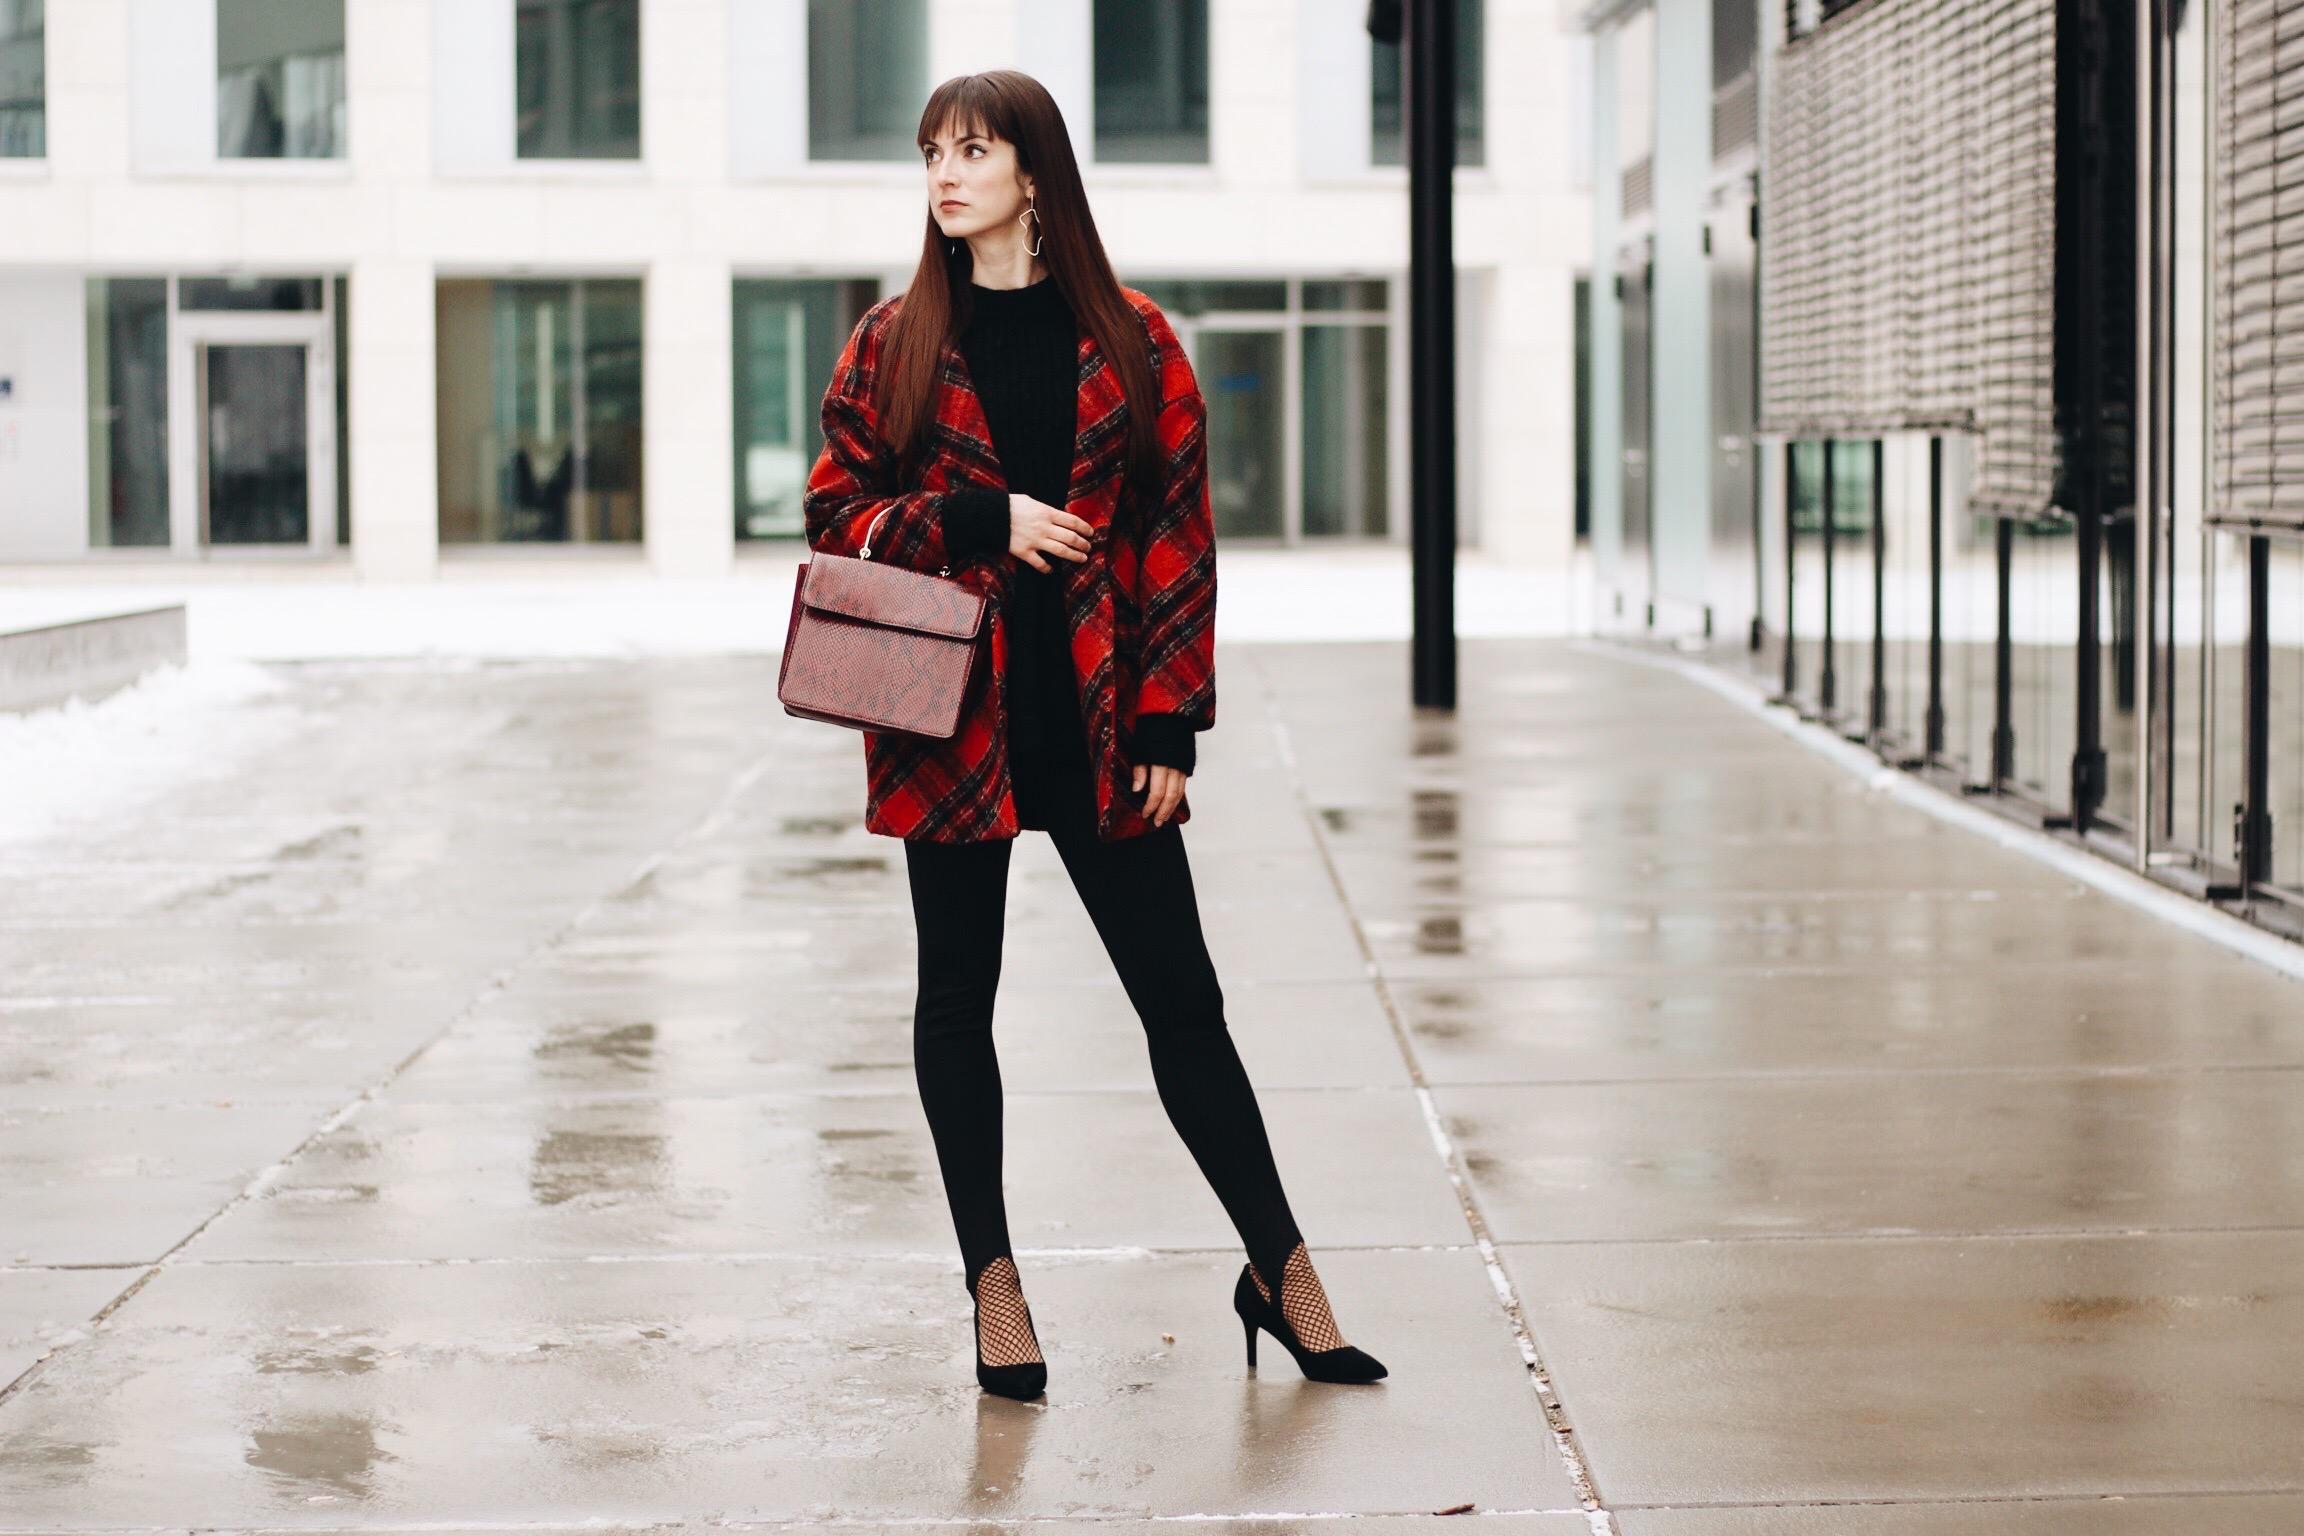 Mein neuer Karomuster Mantel von Mango auf meinem Modeblog